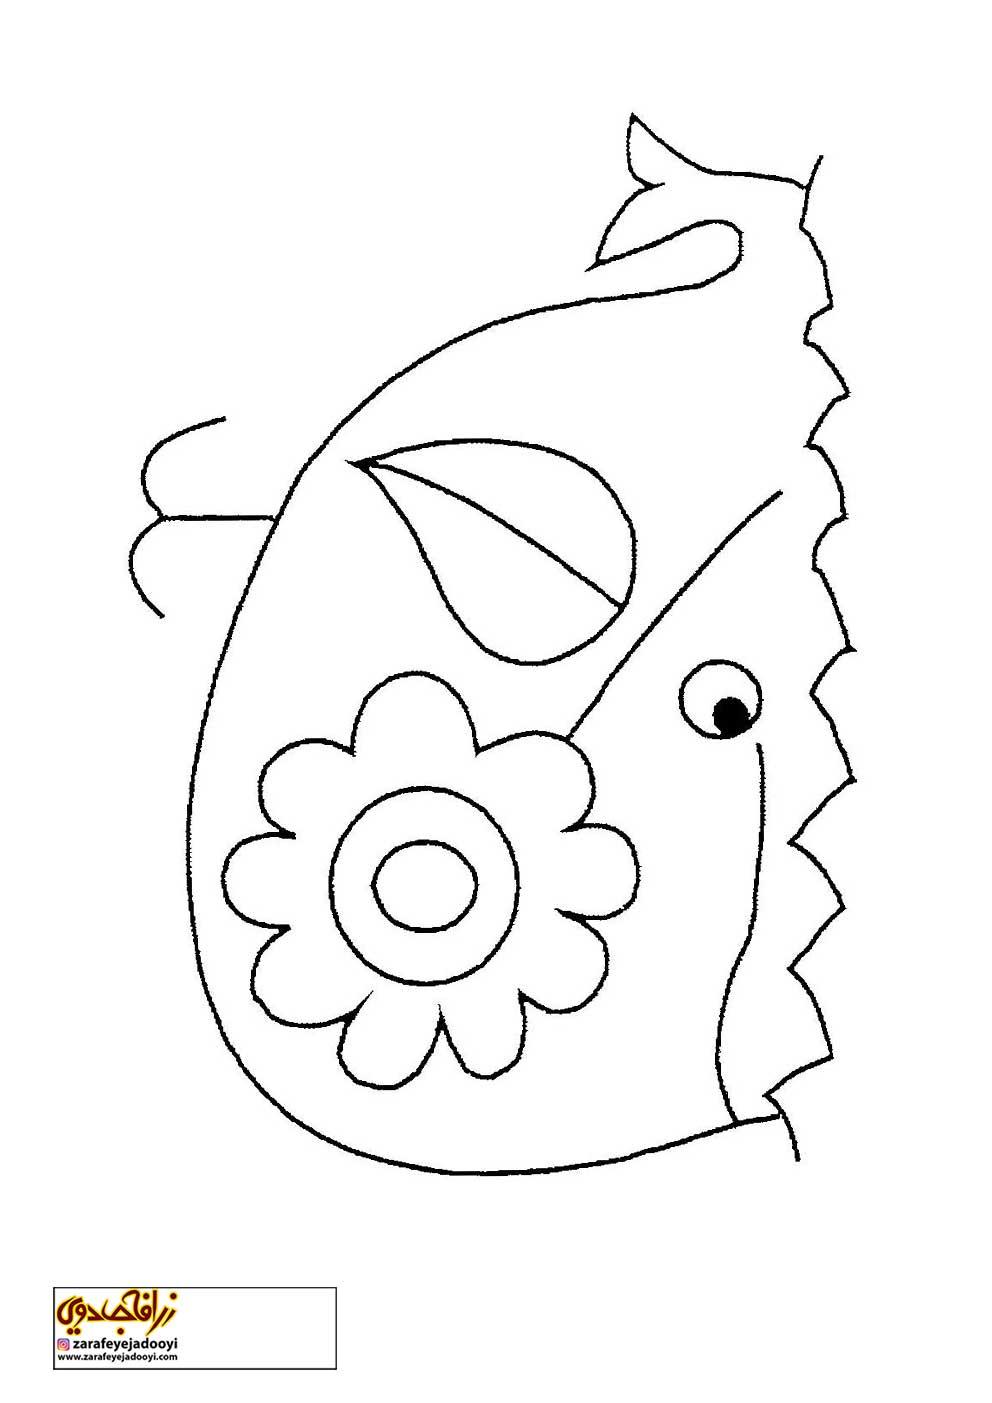 زرافه-جادویی-رنگ-آمیزی-کودکان-نهنگ-01